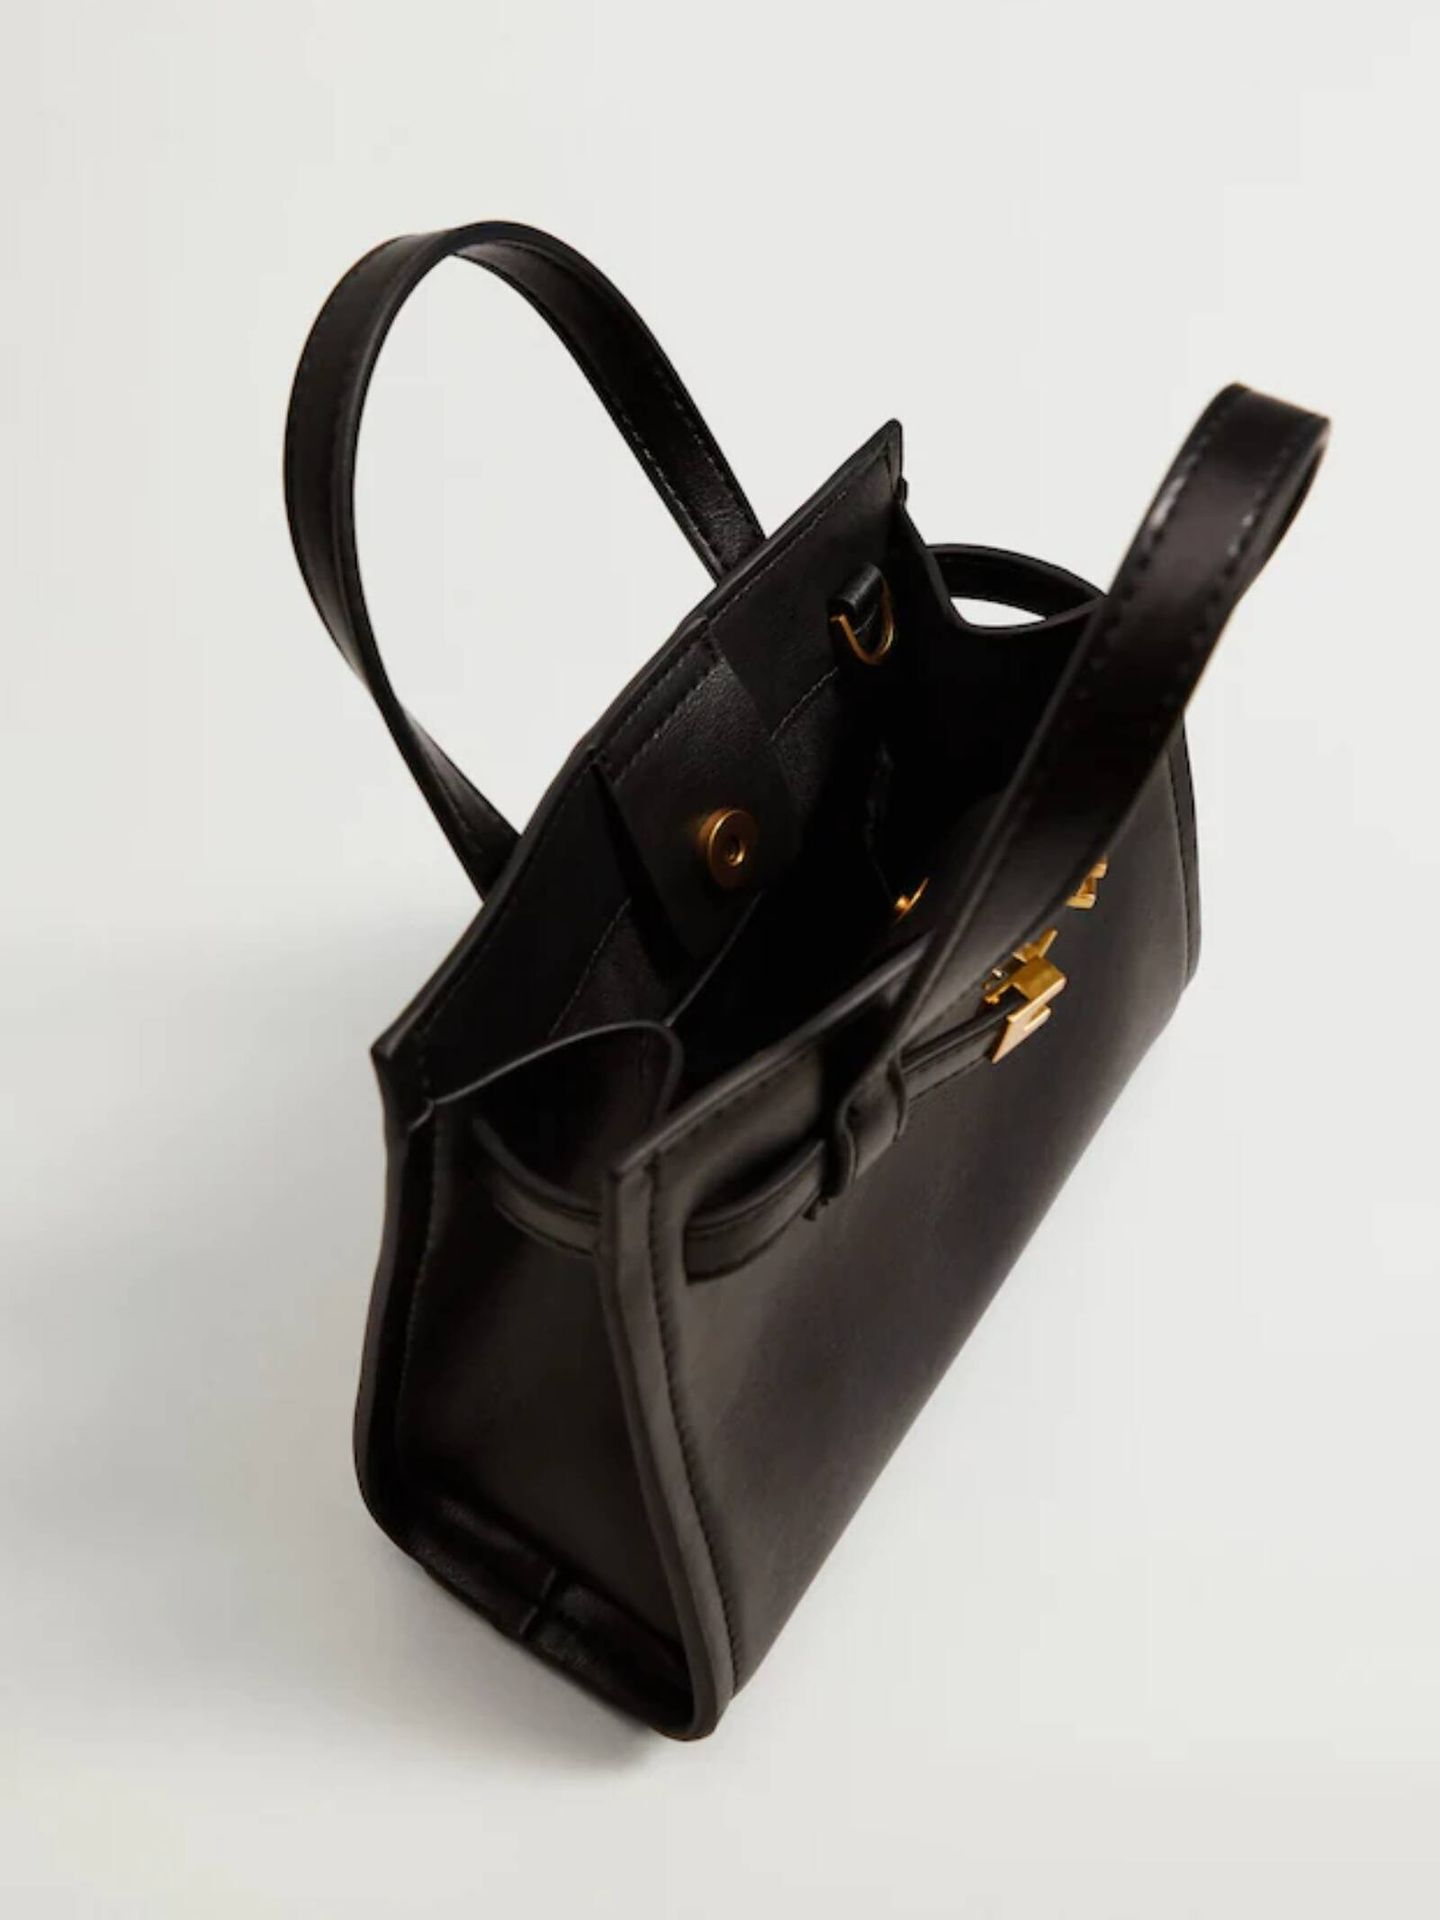 Bolso shopper mini de Mango ideal para llevar a diario. (Cortesía)